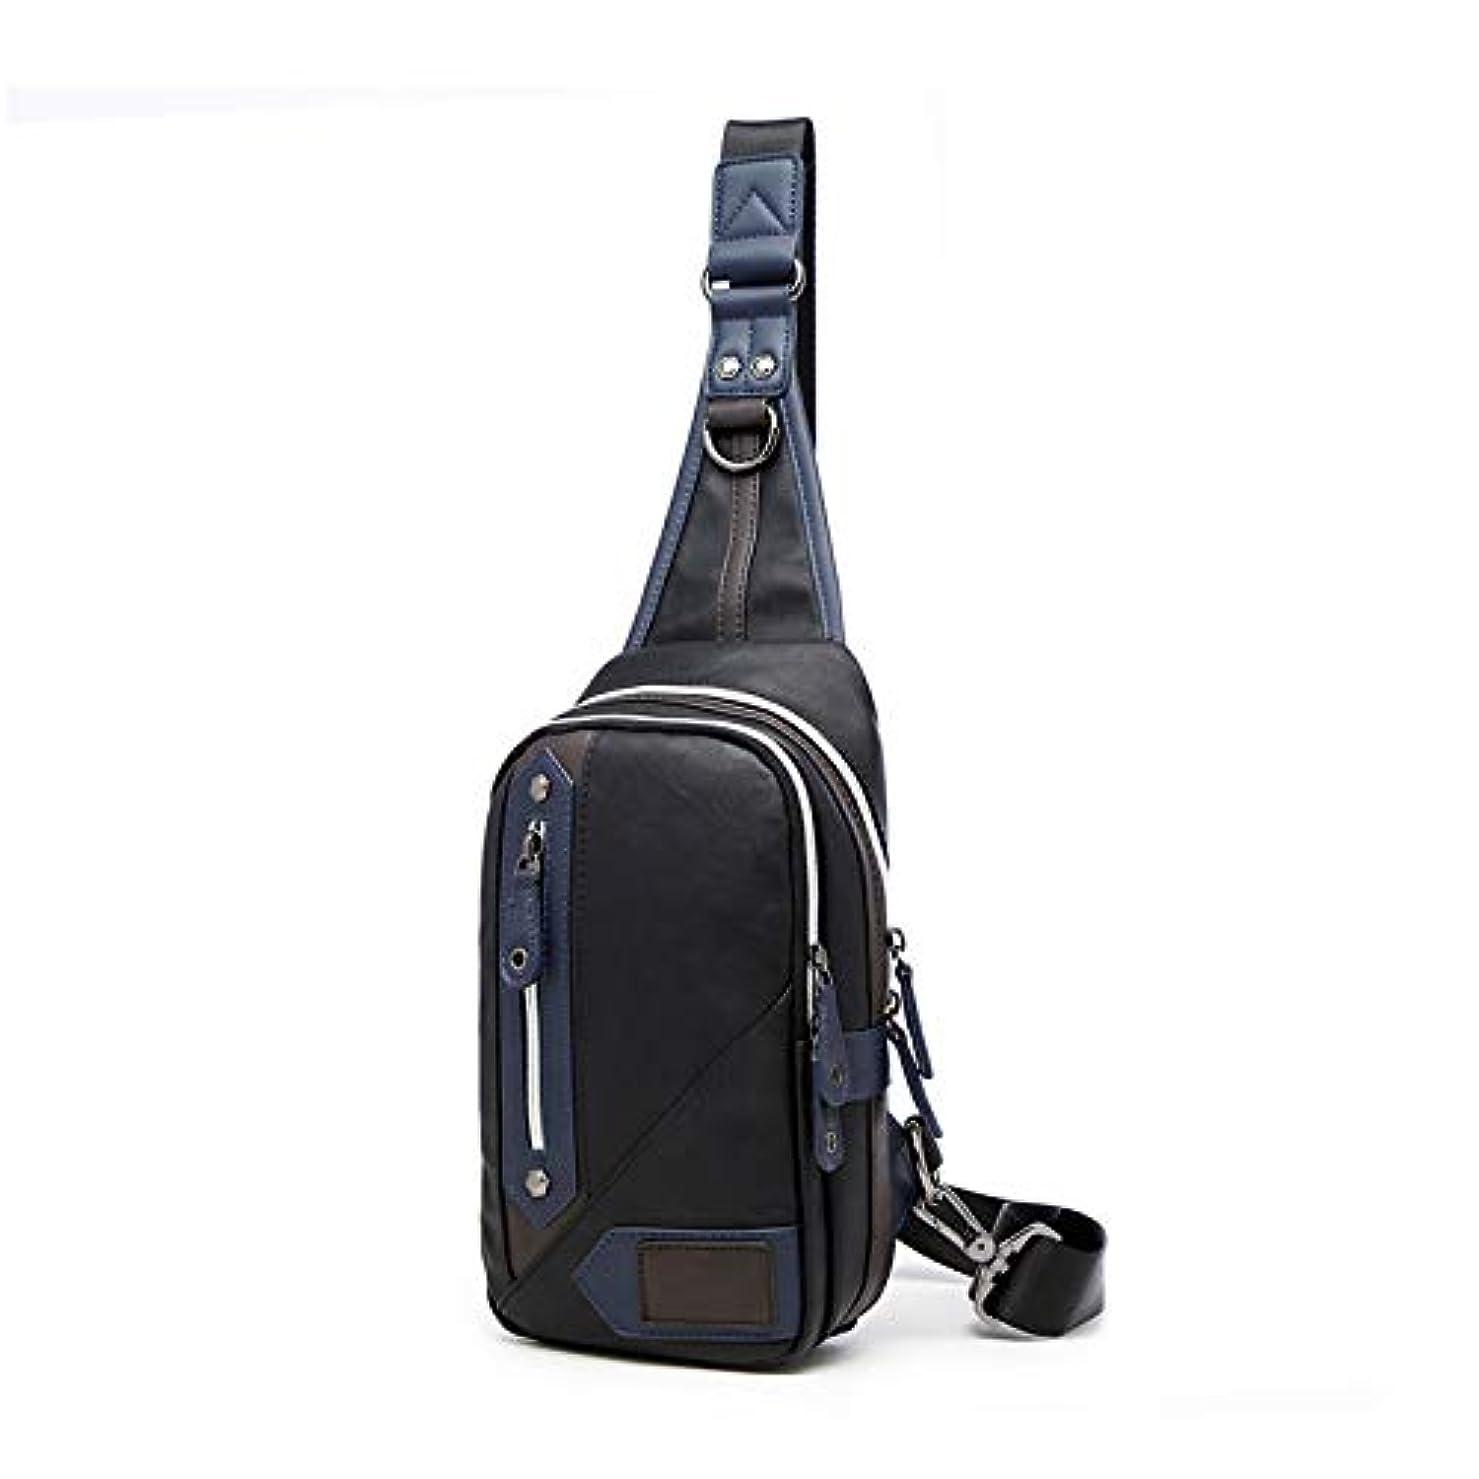 吸い込むデコラティブ強風ボディバッグ メンズ ショルダーバッグ ワンショルダー 斜めがけバッグ